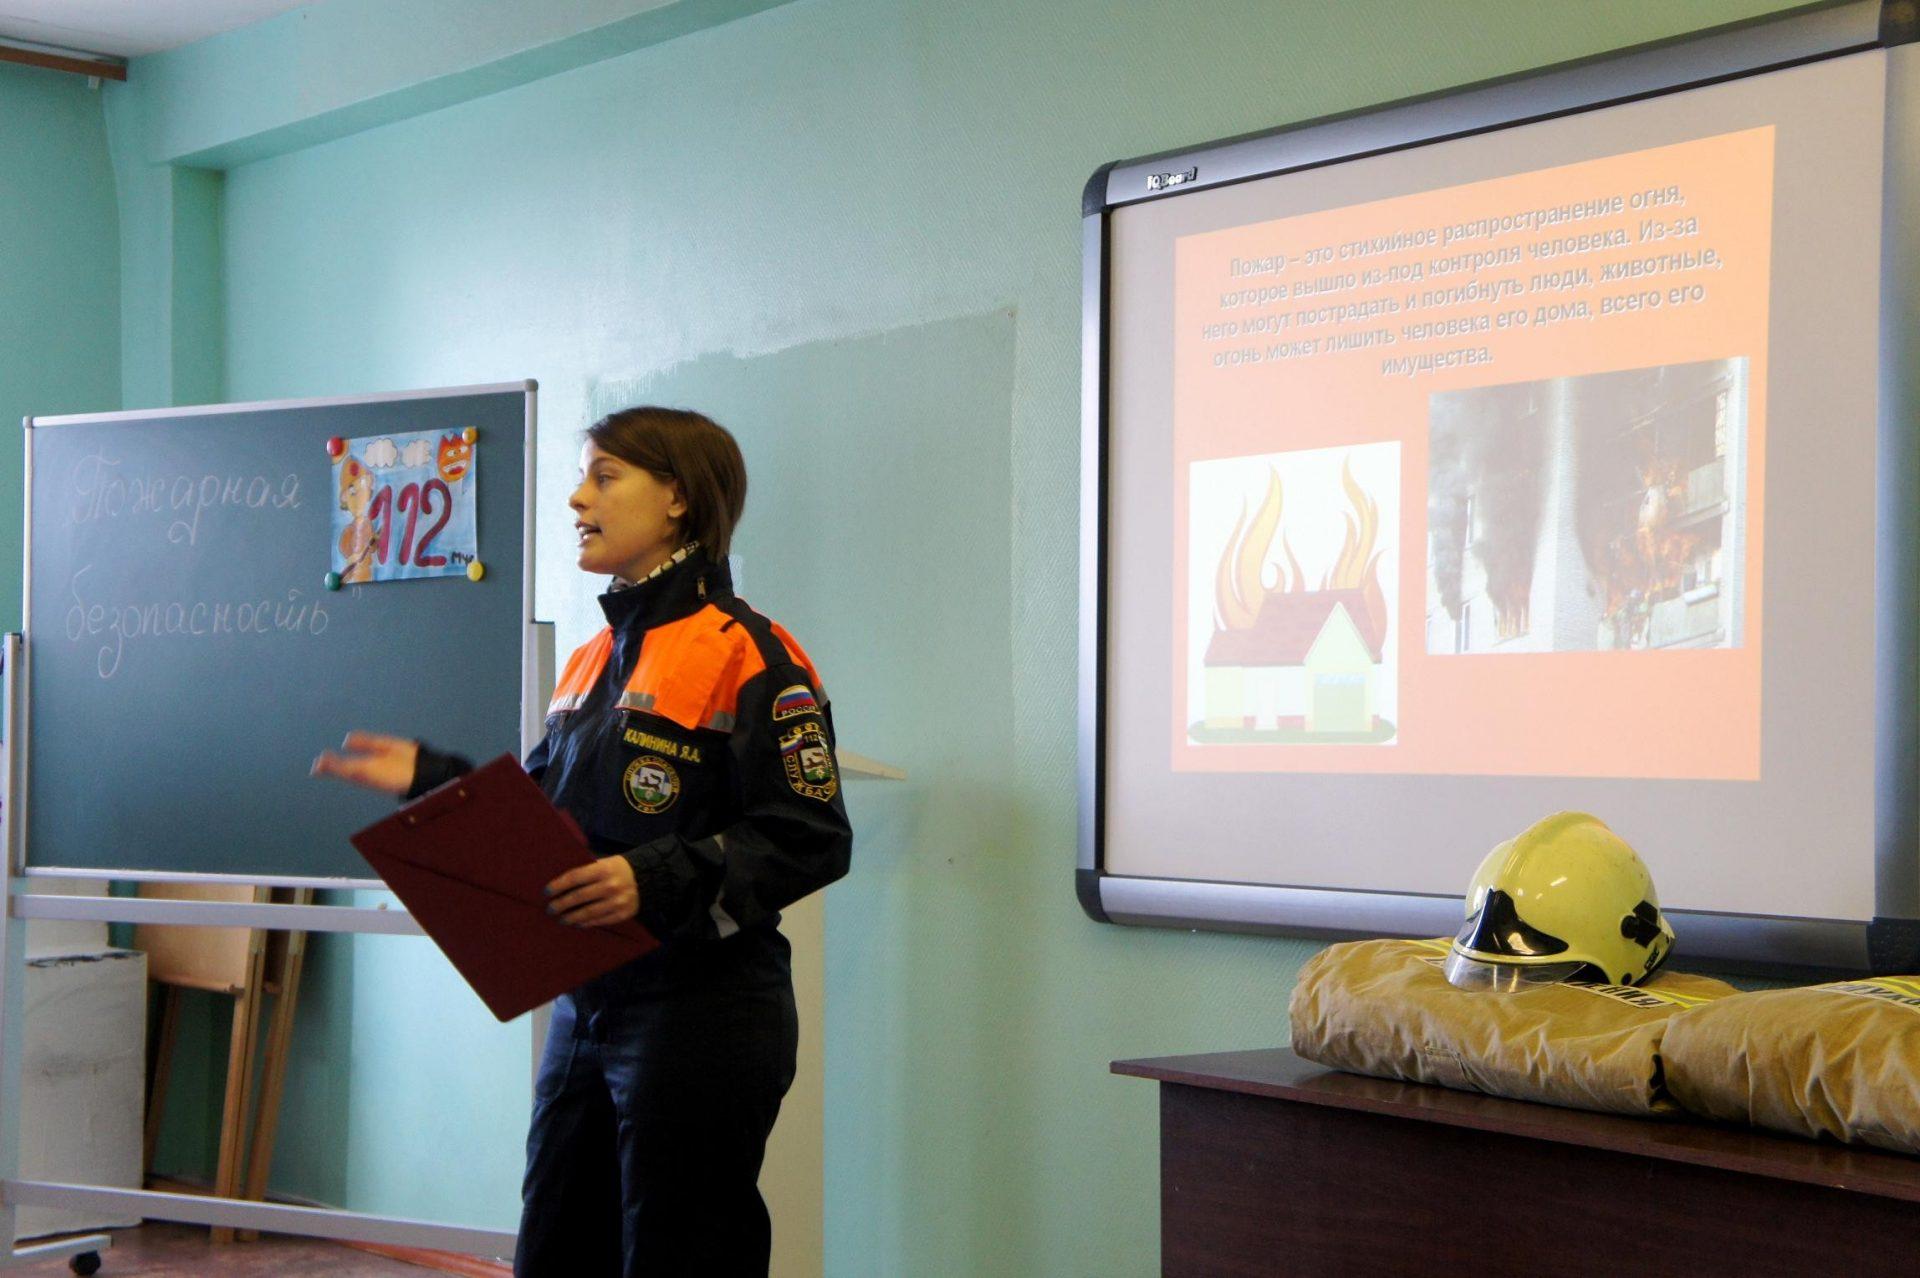 Уфимские спасатели посетили учащихся коррекционной школы-интерната №92